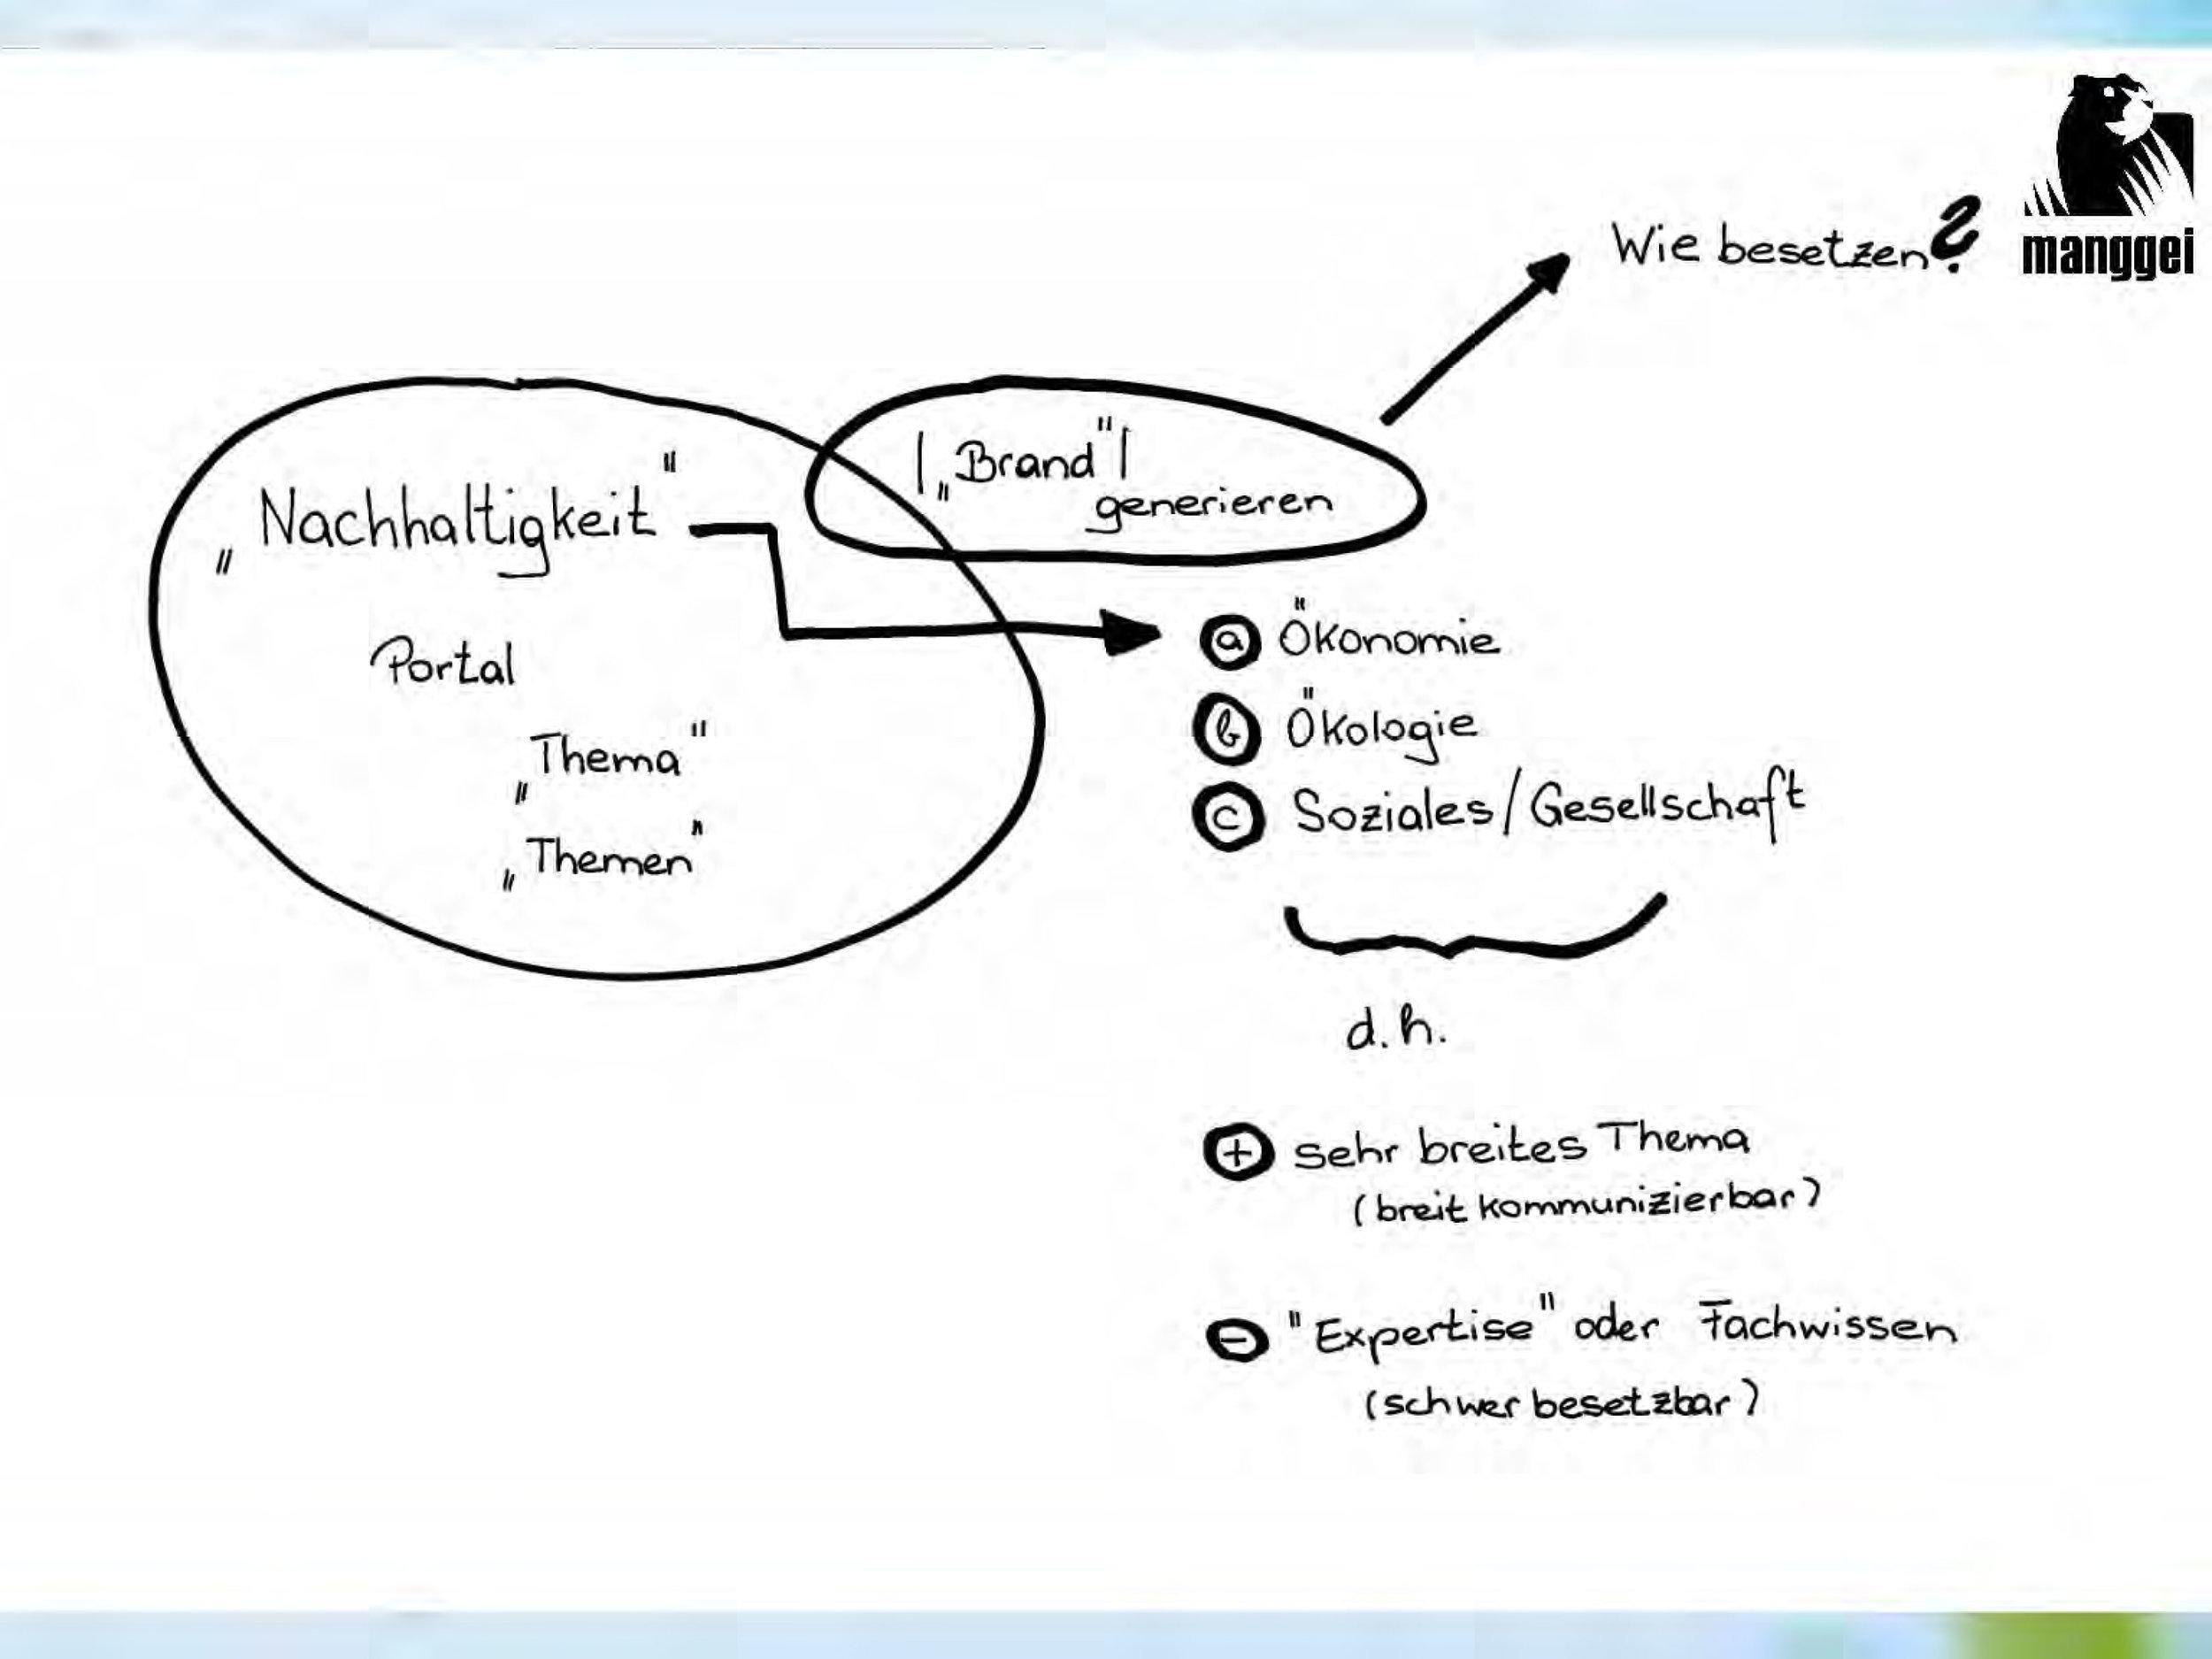 Konzept-Saubermacher_slides-2.jpg